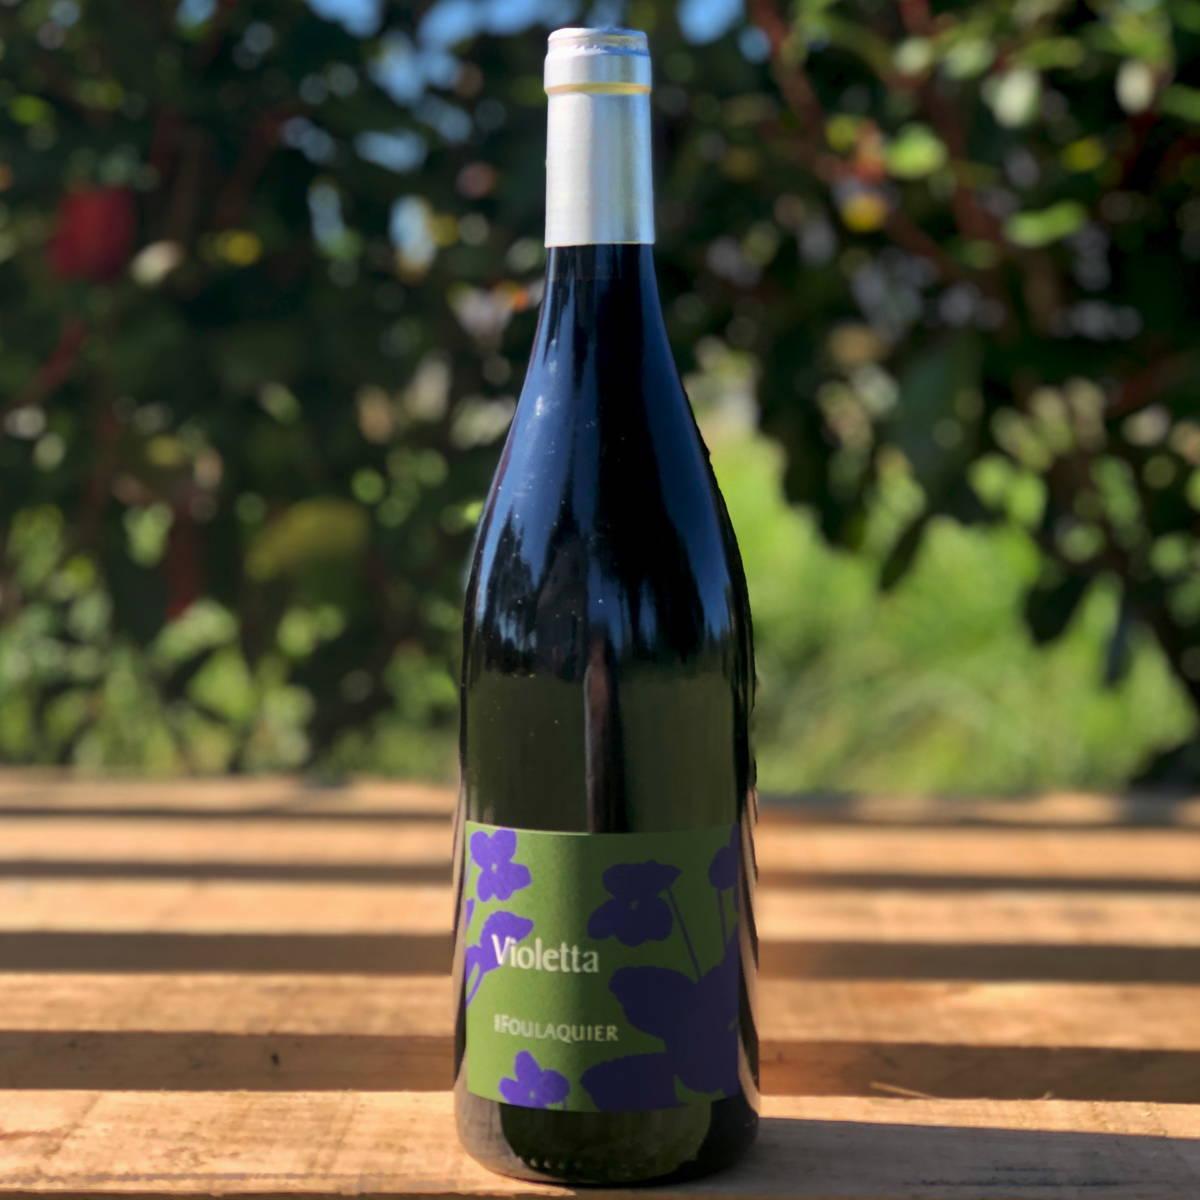 france, vin nature, rawwine, organic wine, vin bio, vin sans intrants, bistro brute, vin rouge, vin blanc, rouge, blanc, nature, vin propre, vigneron, vigneron indépendant, domaine bio, biodynamie, vigneron nature , violetta, mas foulaquier, languedoc